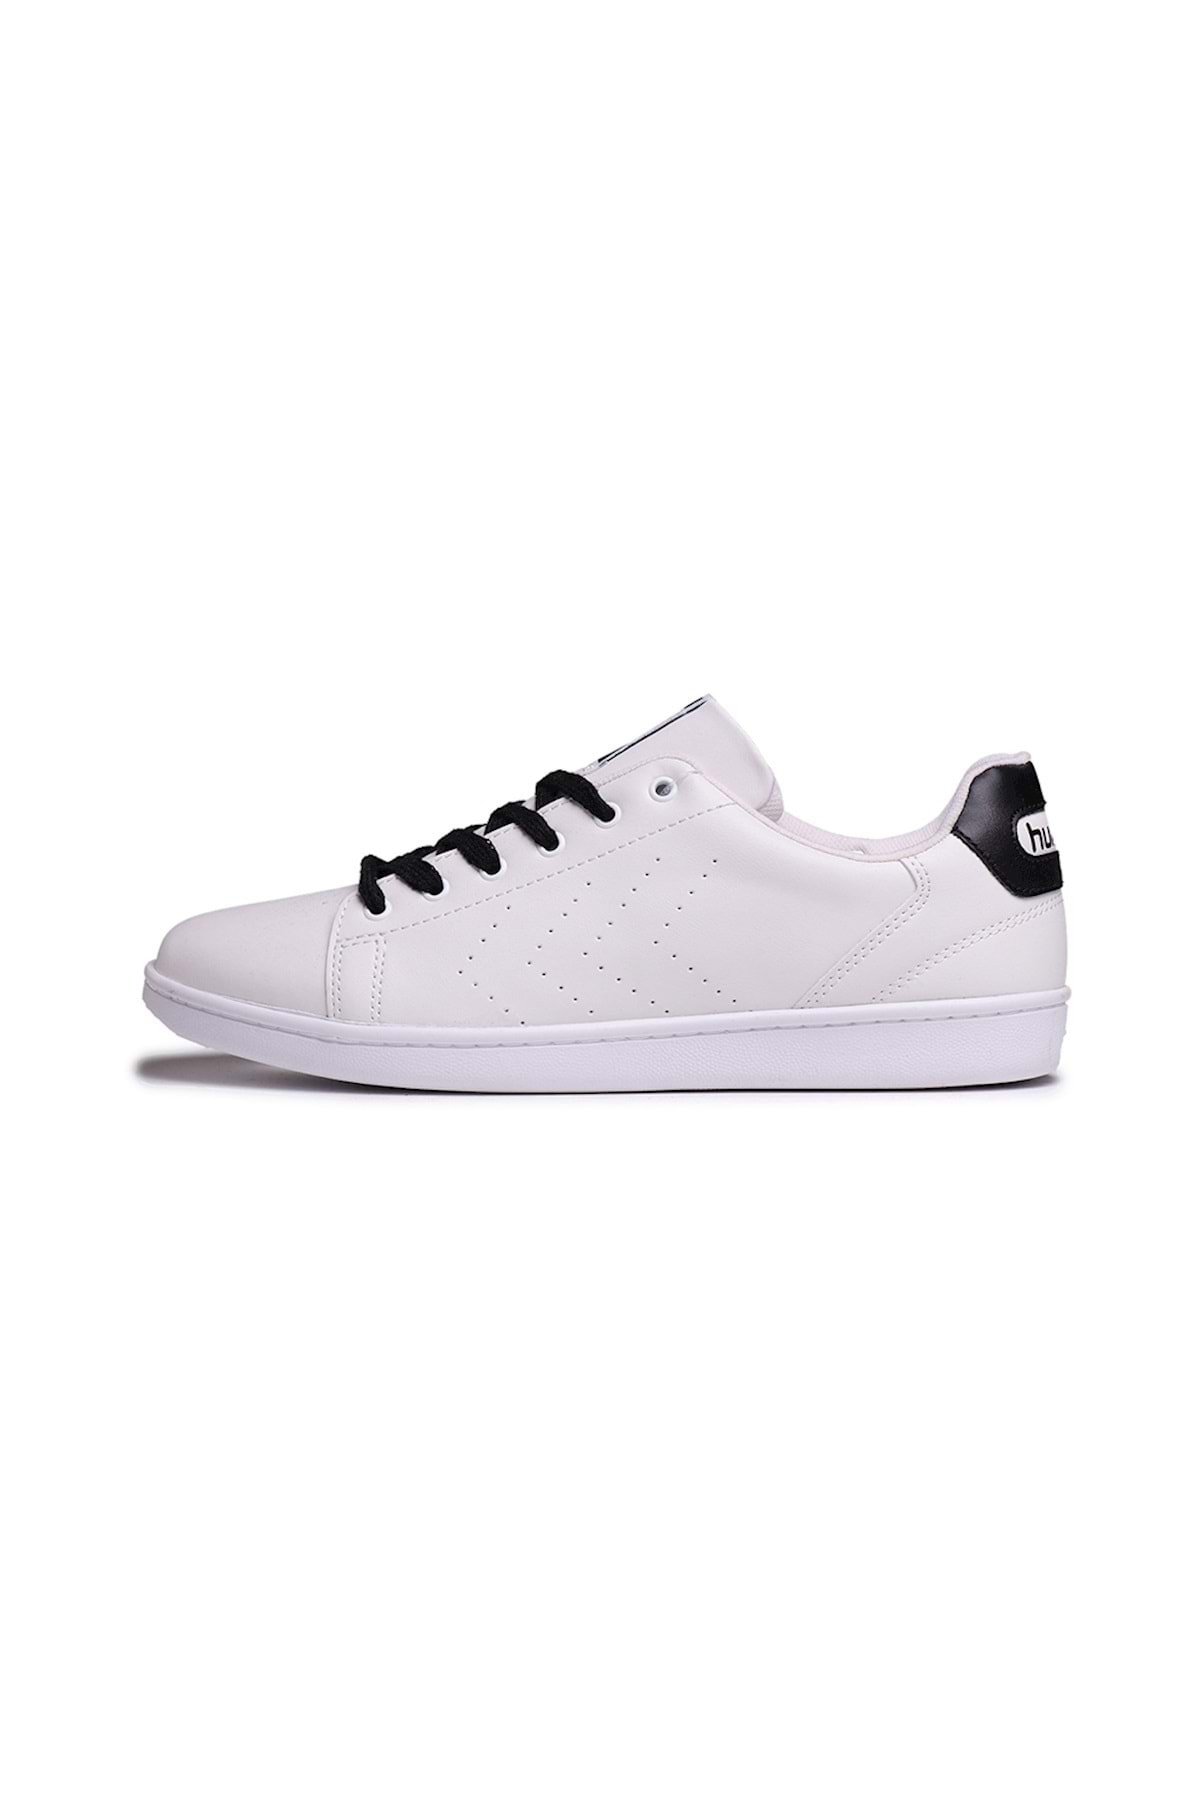 فروش اینترنتی کفش مخصوص پیاده روی مردانه با قیمت برند هومل کد ty47944745